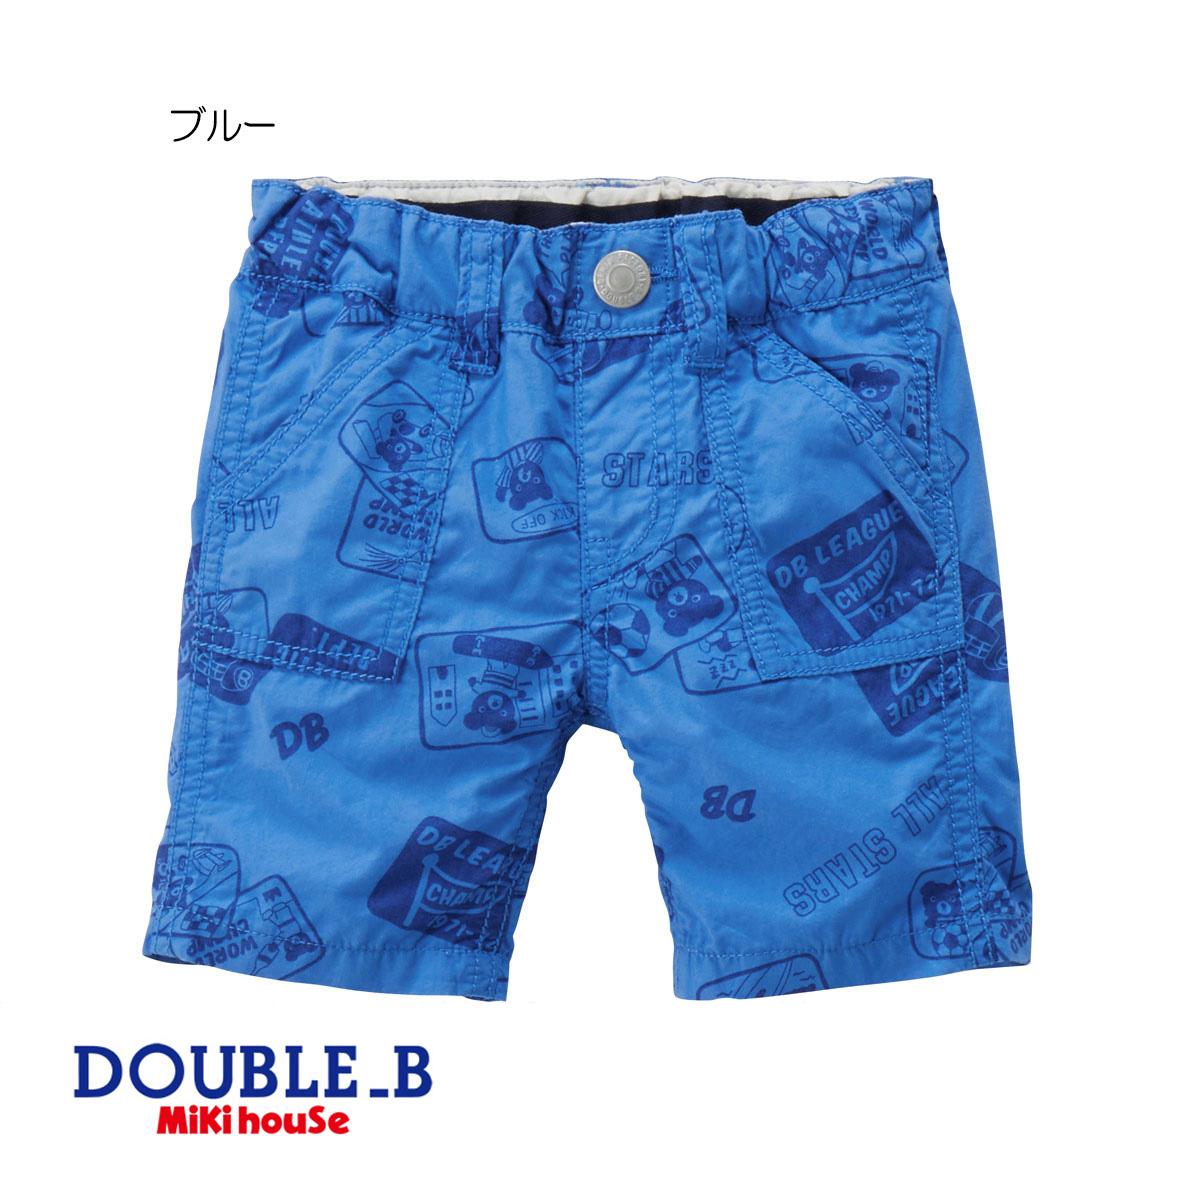 【セール30%OFF】【メール便OK】【DOUBLE B ダブルビー】アメコミ風プリント6分丈パンツ (80cm・90cm)【ミキハウス/ハーフパンツ】